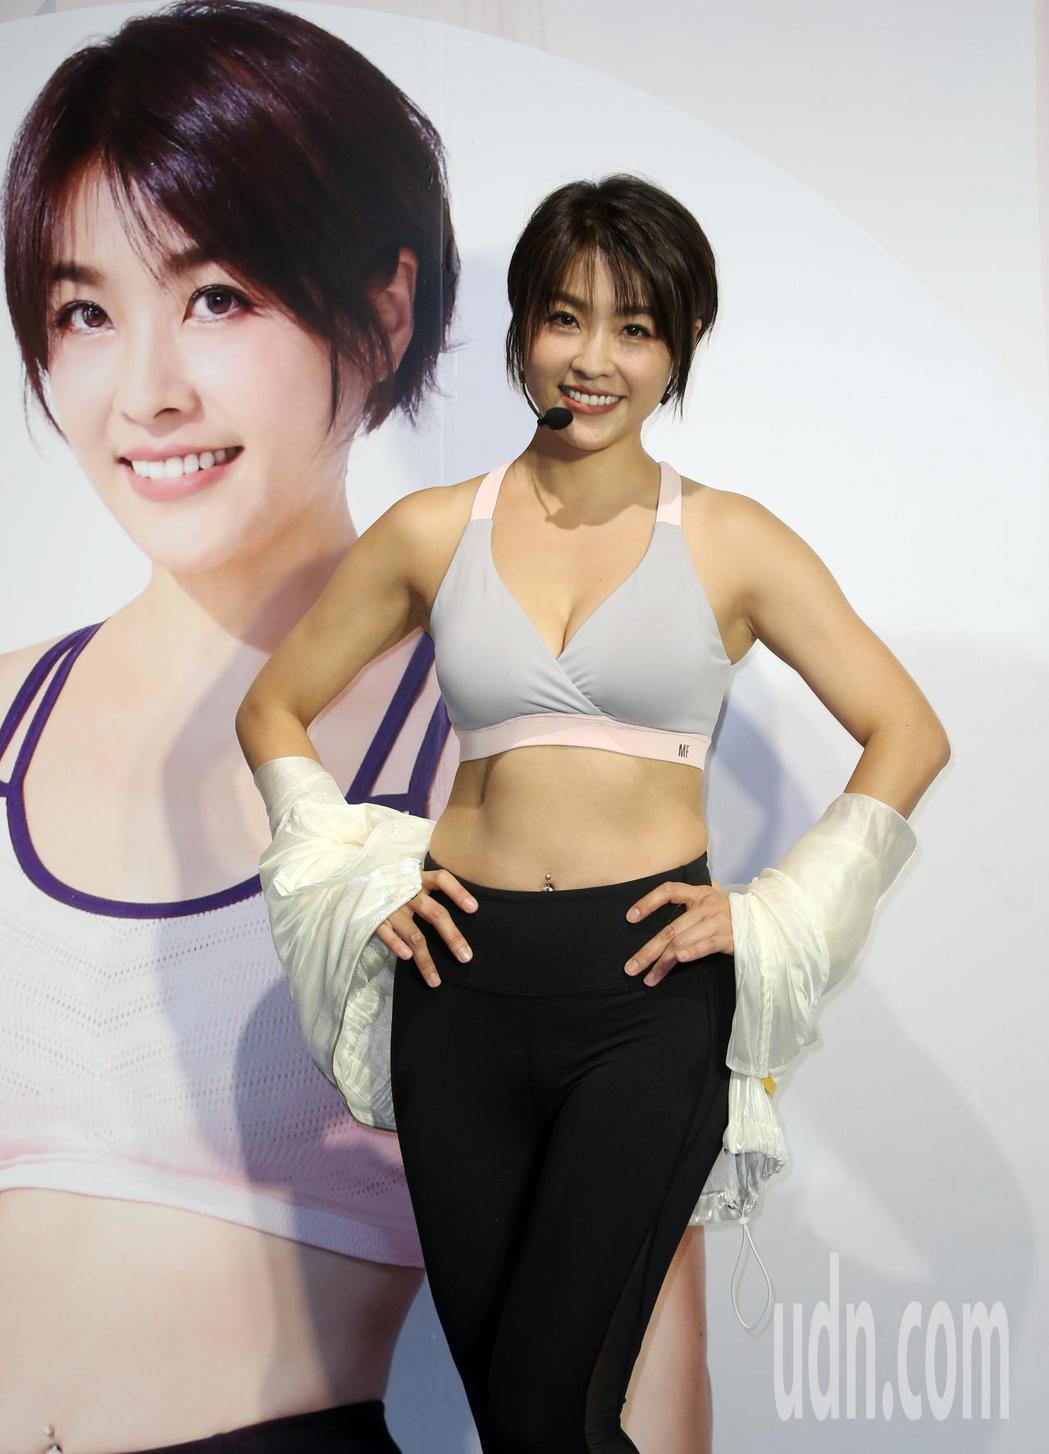 藝人小嫻下午出席運動衣服品牌活動。記者曾吉松/攝影